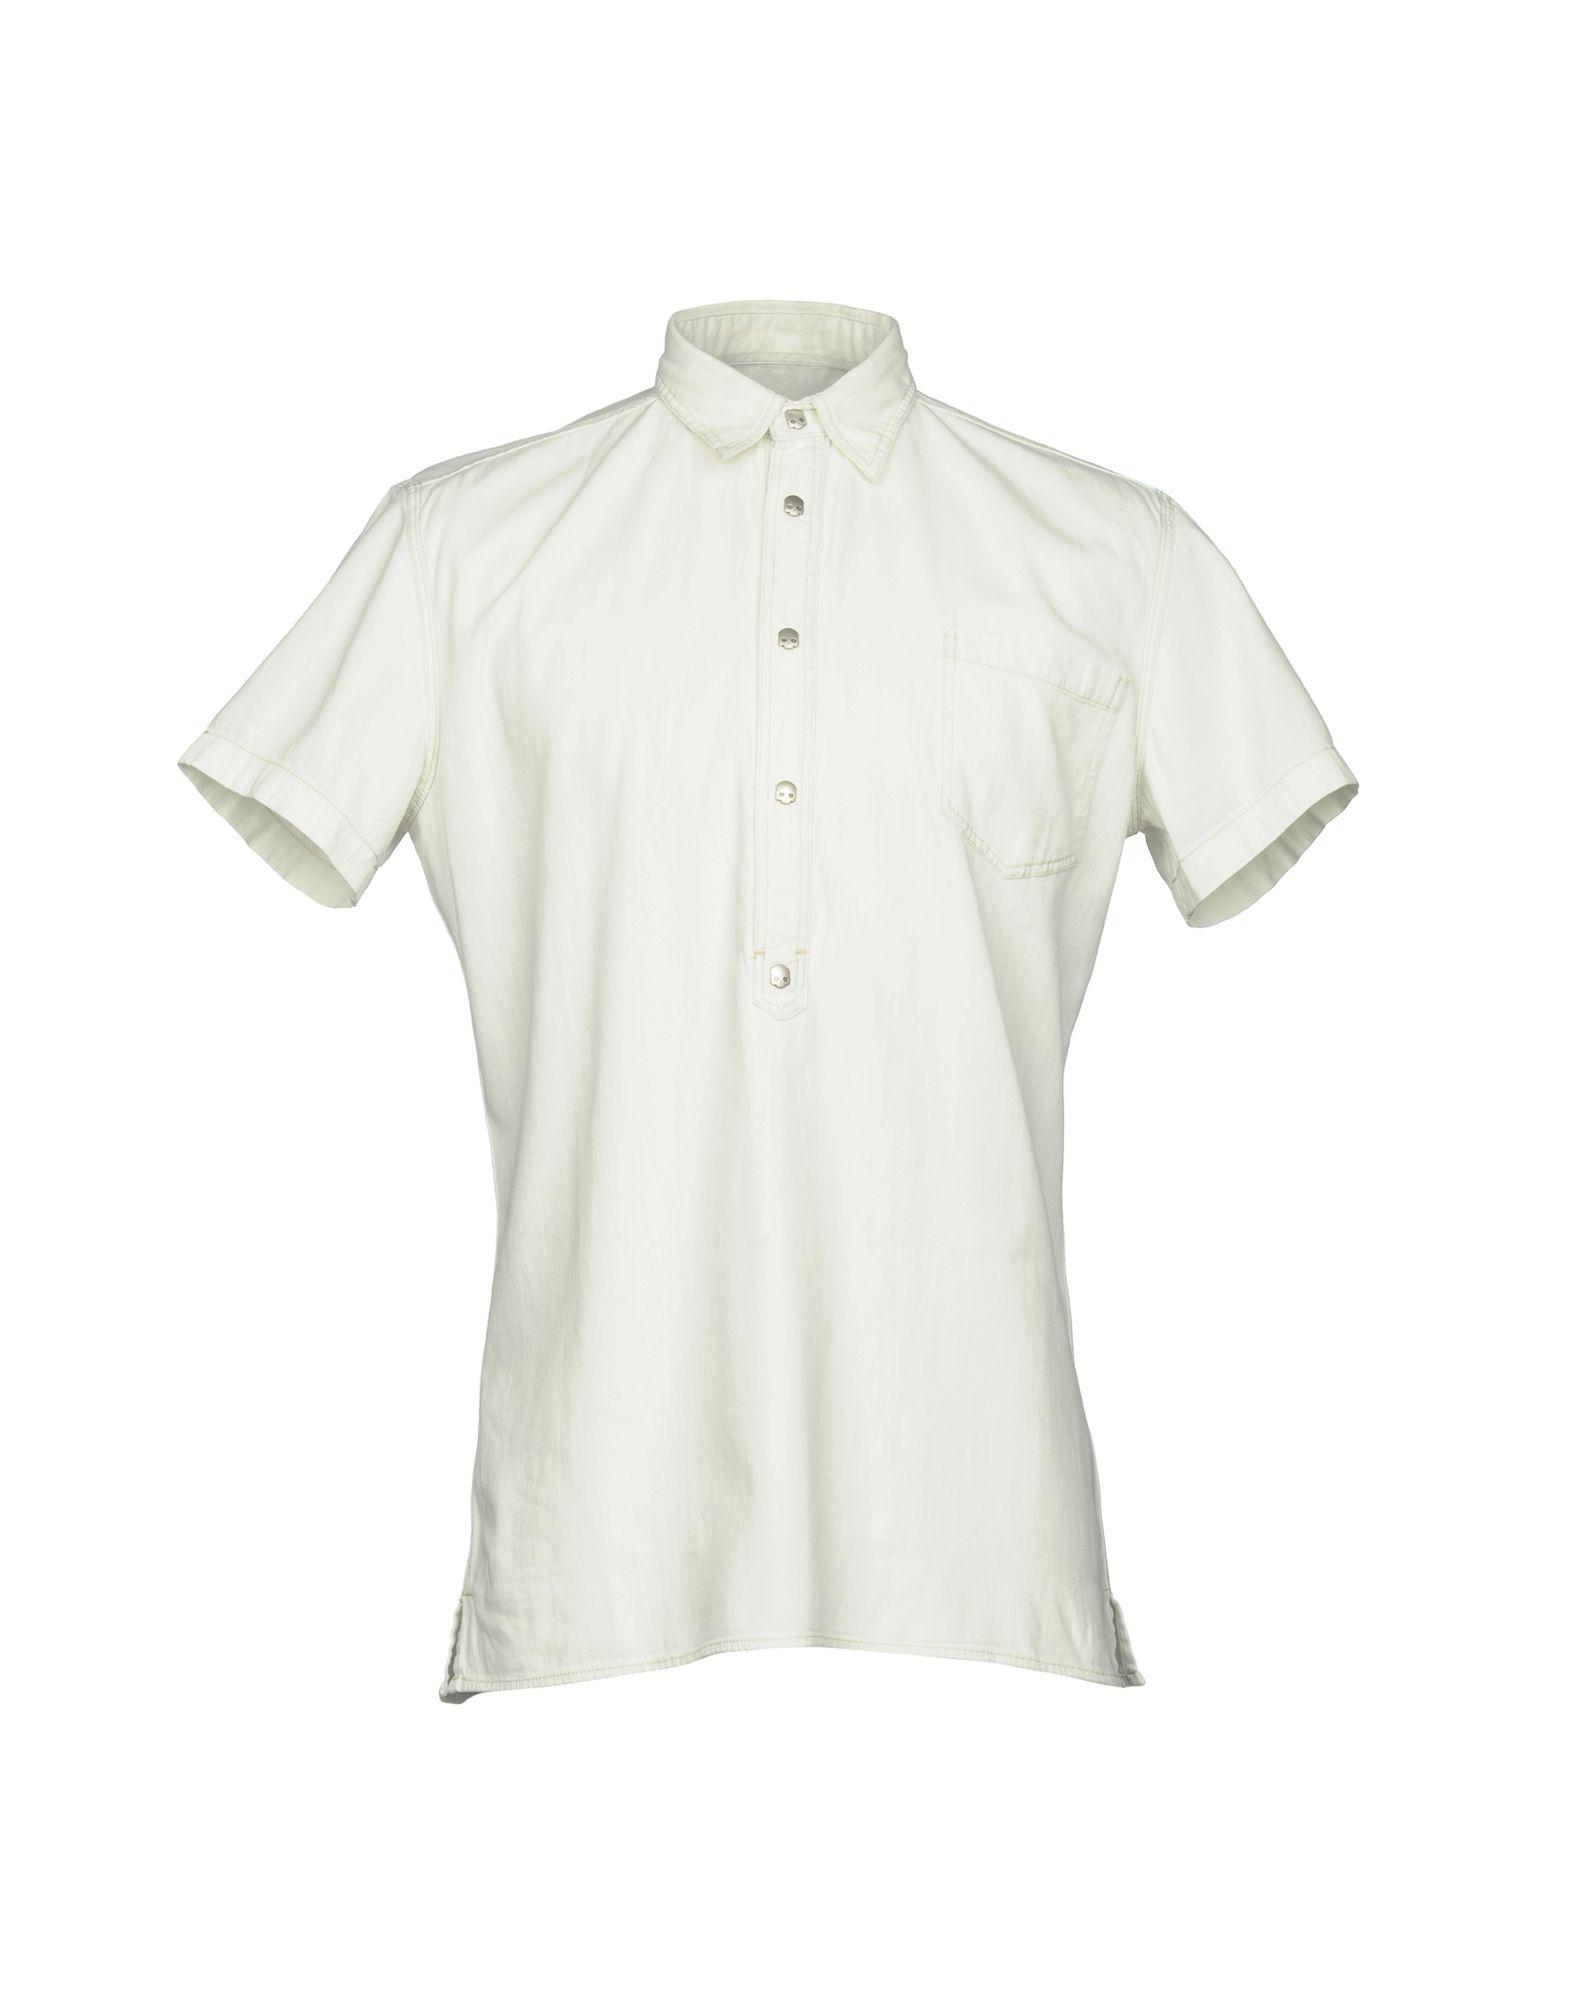 HYDROGEN Джинсовая рубашка рубашка джинсовая 3 12 лет